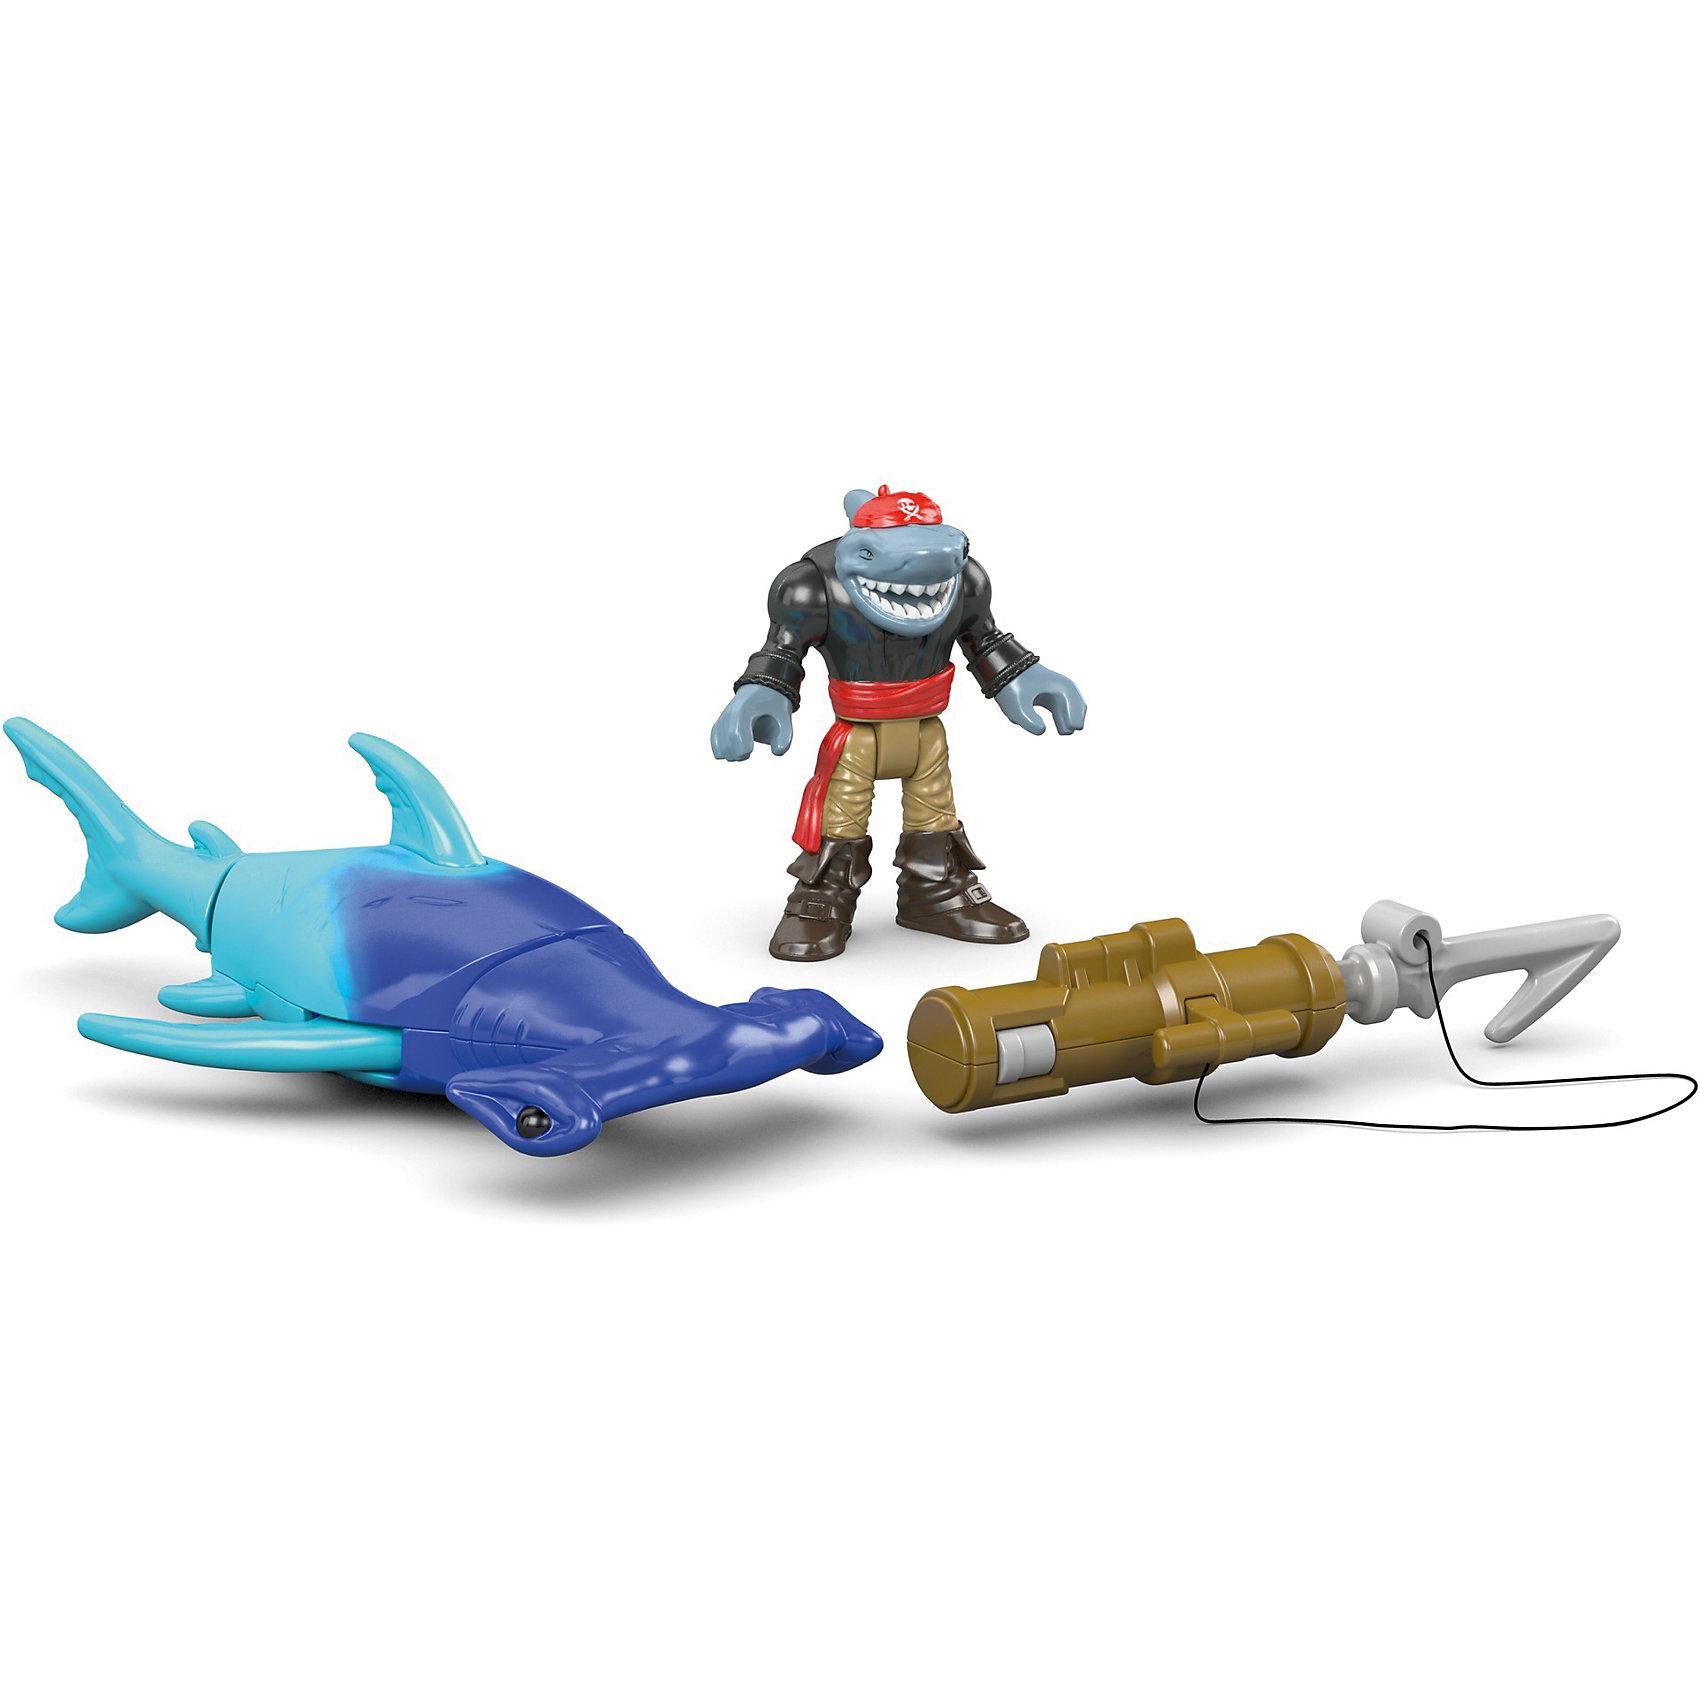 Базовая фигурка пирата Hammerhead Shark, Imaginext, Fisher PriceЛюбимые герои<br>Характеристики товара:<br><br>• возраст: от 3 лет;<br>• материал: пластик;<br>• в комплекте: фигурка, аксессуары;<br>• размер упаковки: 16х19х6,5 см;<br>• вес упаковки: 213 гр.;<br>• страна производитель: Китай.<br><br>Базовая фигурка пирата Hammerhead Shark Imaginext Fisher Price позволит детям устроить невероятные интересные игры про пиратов. В комплекте фигурка пирата-акулы, у которой подвижные руки и ноги, и грозная акула-молот. В руках у пирата оружие. Игрушка выполнена из качественного безопасного пластика.<br><br>Базовую фигурку пирата Hammerhead Shark Imaginext Fisher Price можно приобрести в нашем интернет-магазине.<br><br>Ширина мм: 160<br>Глубина мм: 65<br>Высота мм: 190<br>Вес г: 213<br>Возраст от месяцев: 36<br>Возраст до месяцев: 96<br>Пол: Мужской<br>Возраст: Детский<br>SKU: 6771822